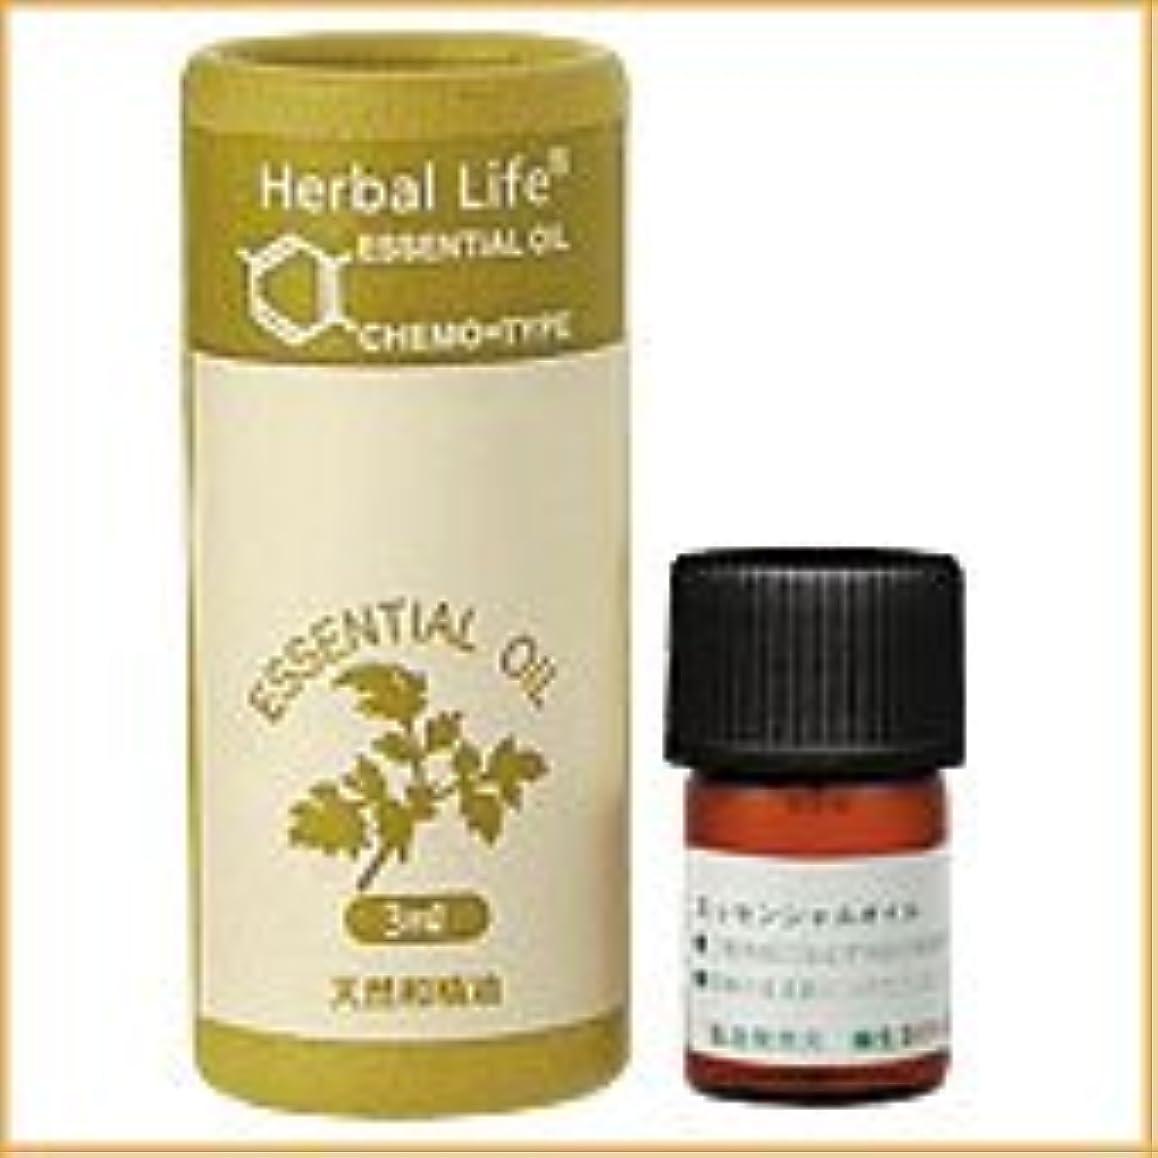 スリーブ宿題珍味生活の木 アロマオイル ヒノキ 3ml (Tree of Life Essential Oil/エッセンシャルオイル)